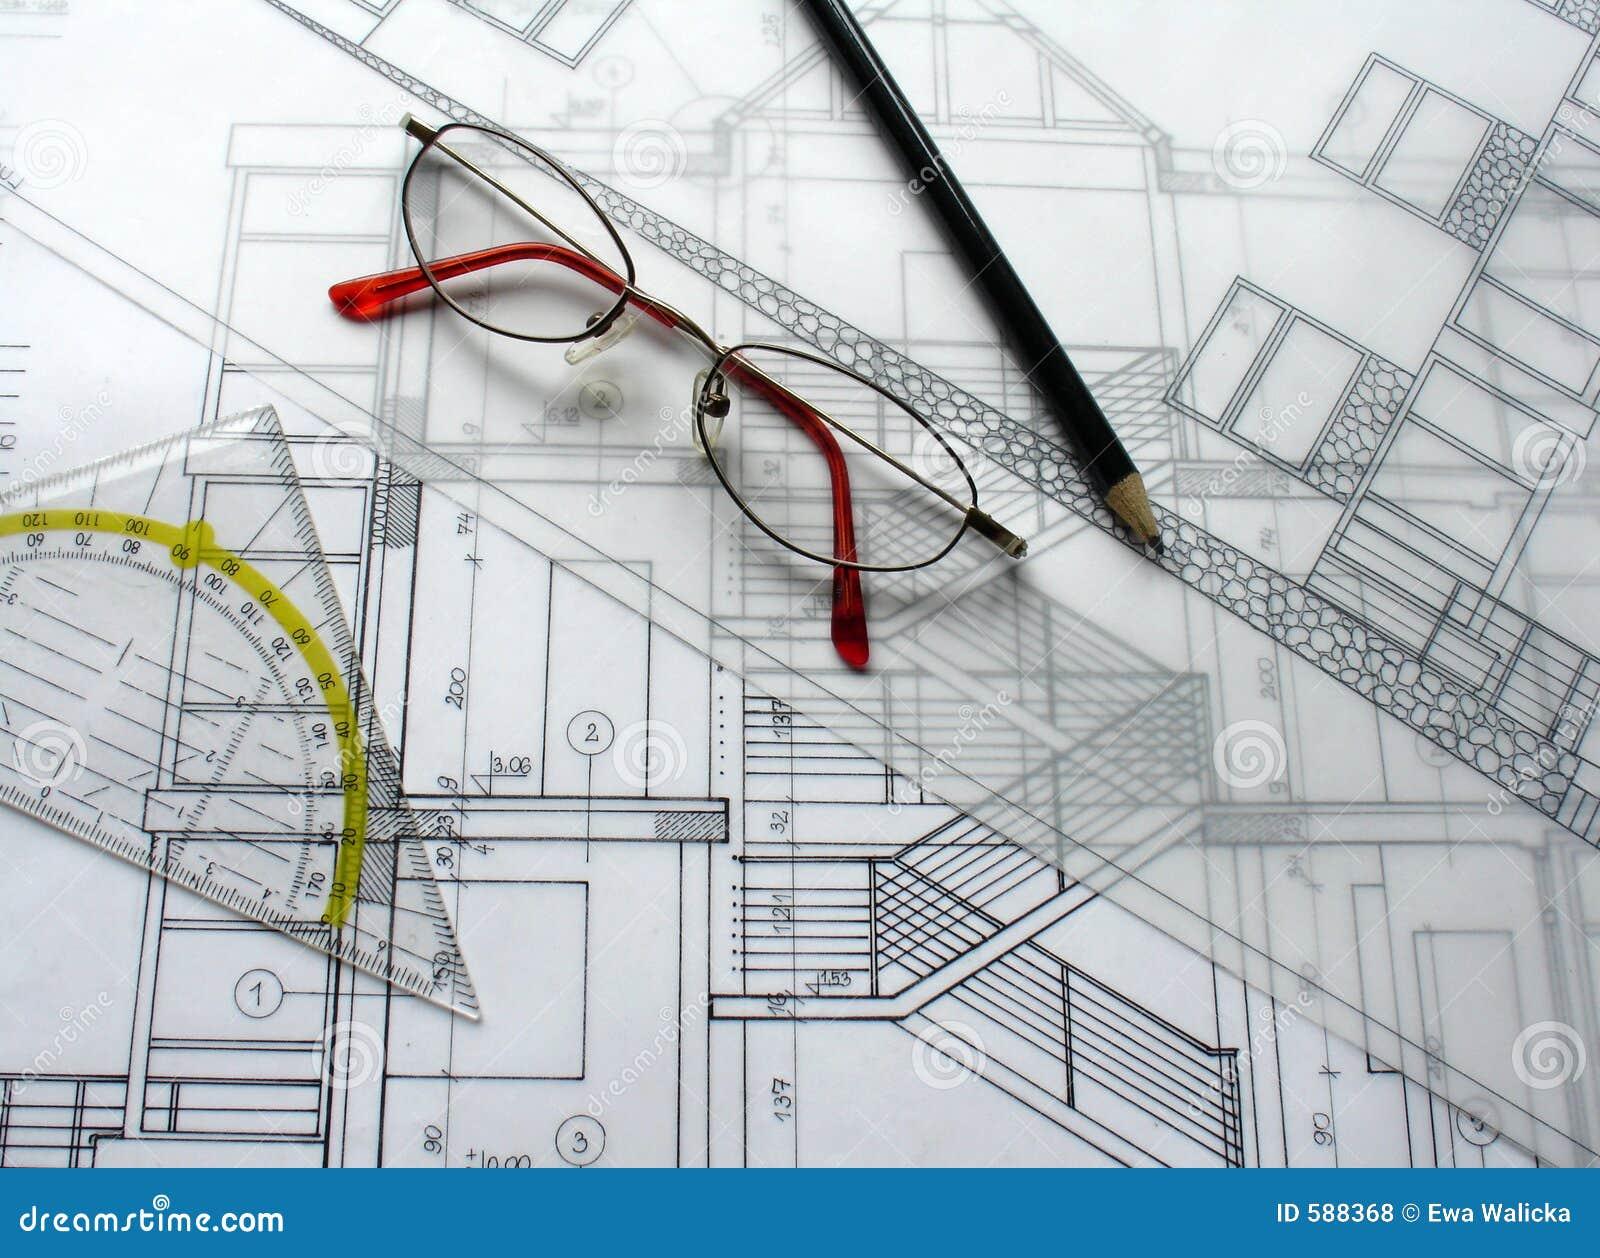 Plan Architektury Zdjęcie Stock Obraz Złożonej Z Diagram 588368